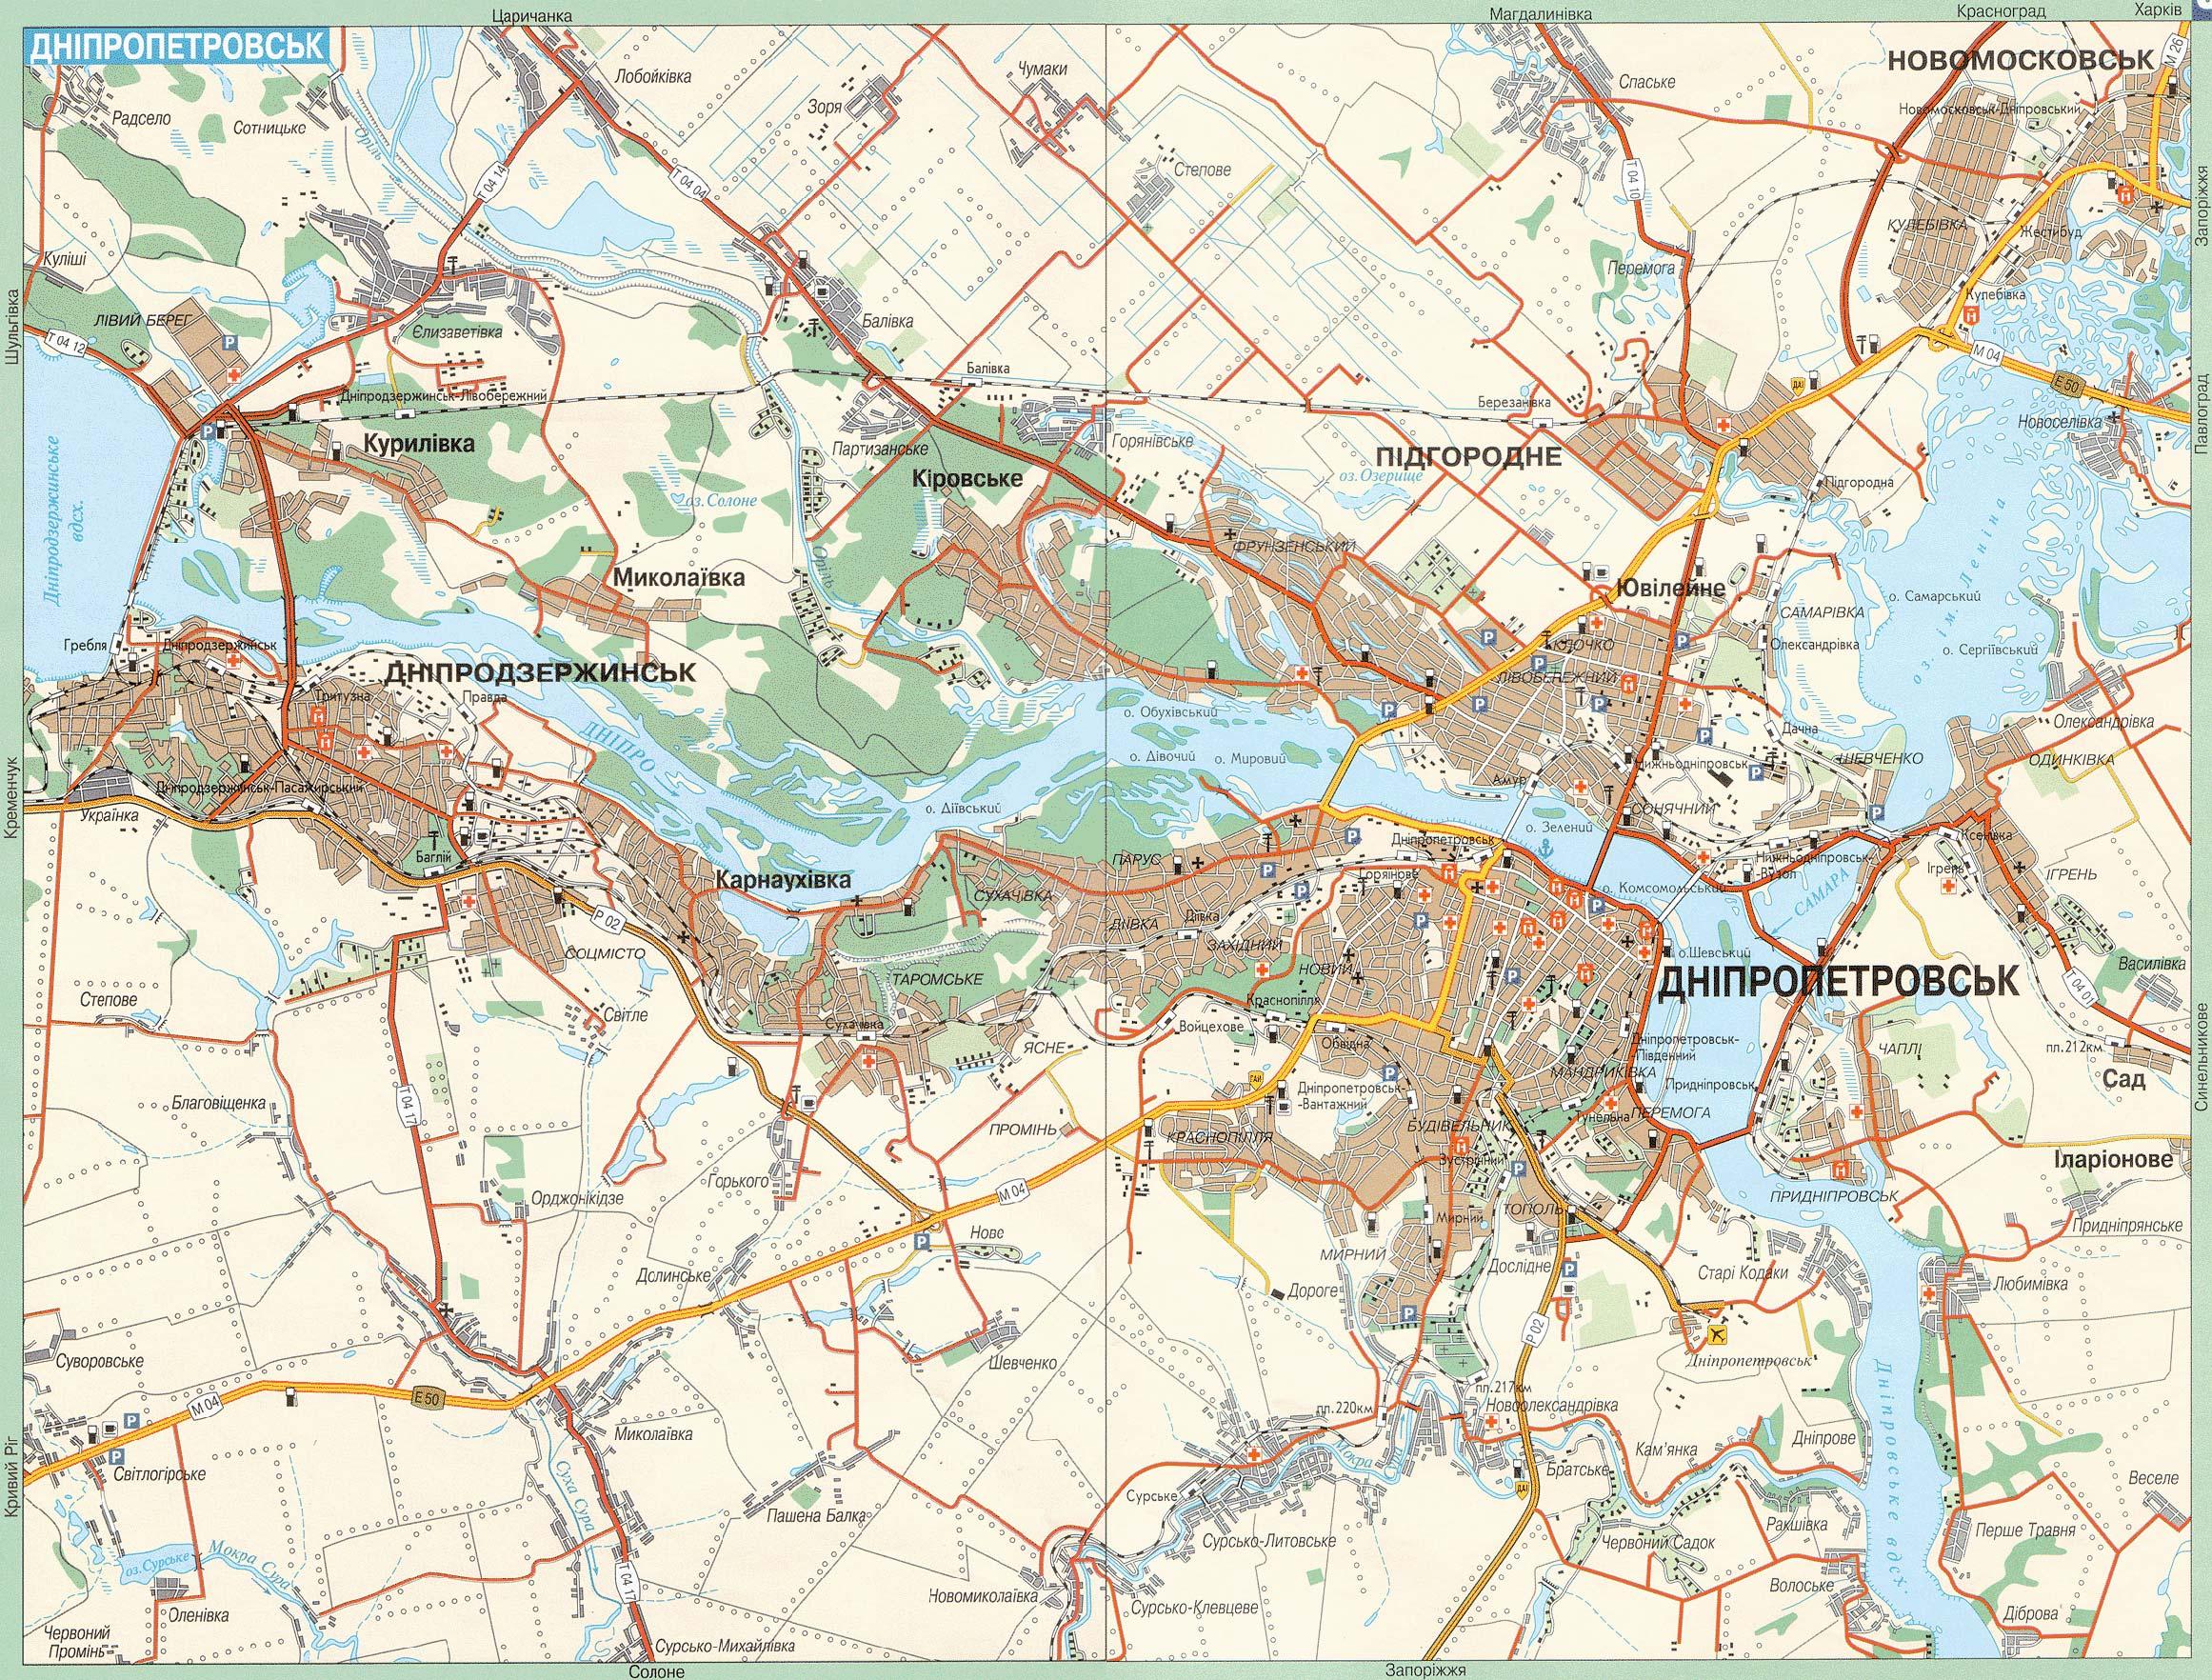 Карта города Днепропетровск